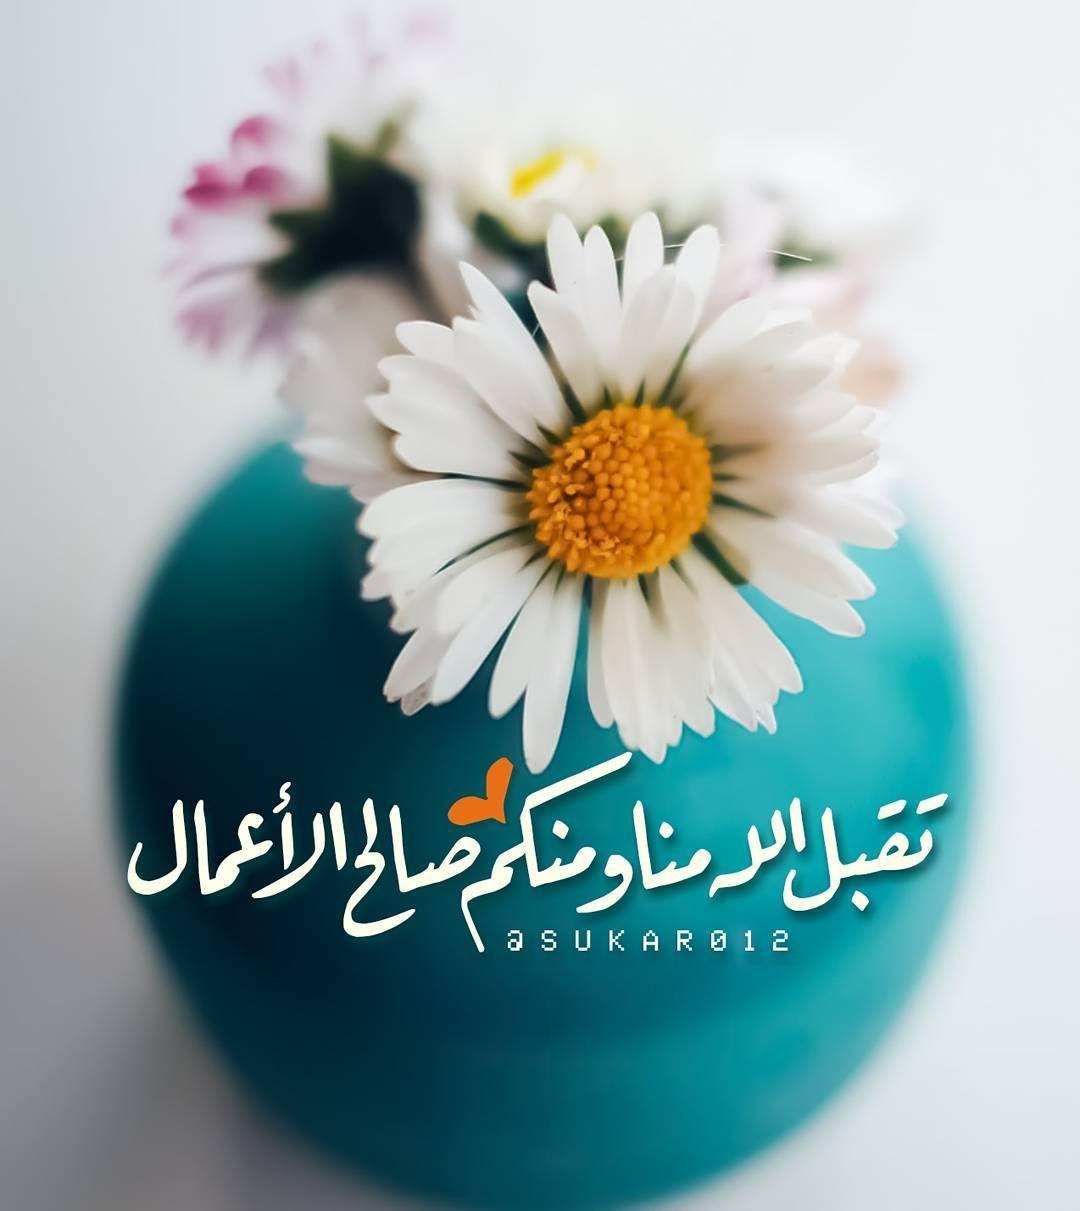 تقبل الله منا ومنكم صالح الأعمال تصاميمي للعيد عيد Ramadan Kareem Decoration Eid Mubarak Card Eid Greetings